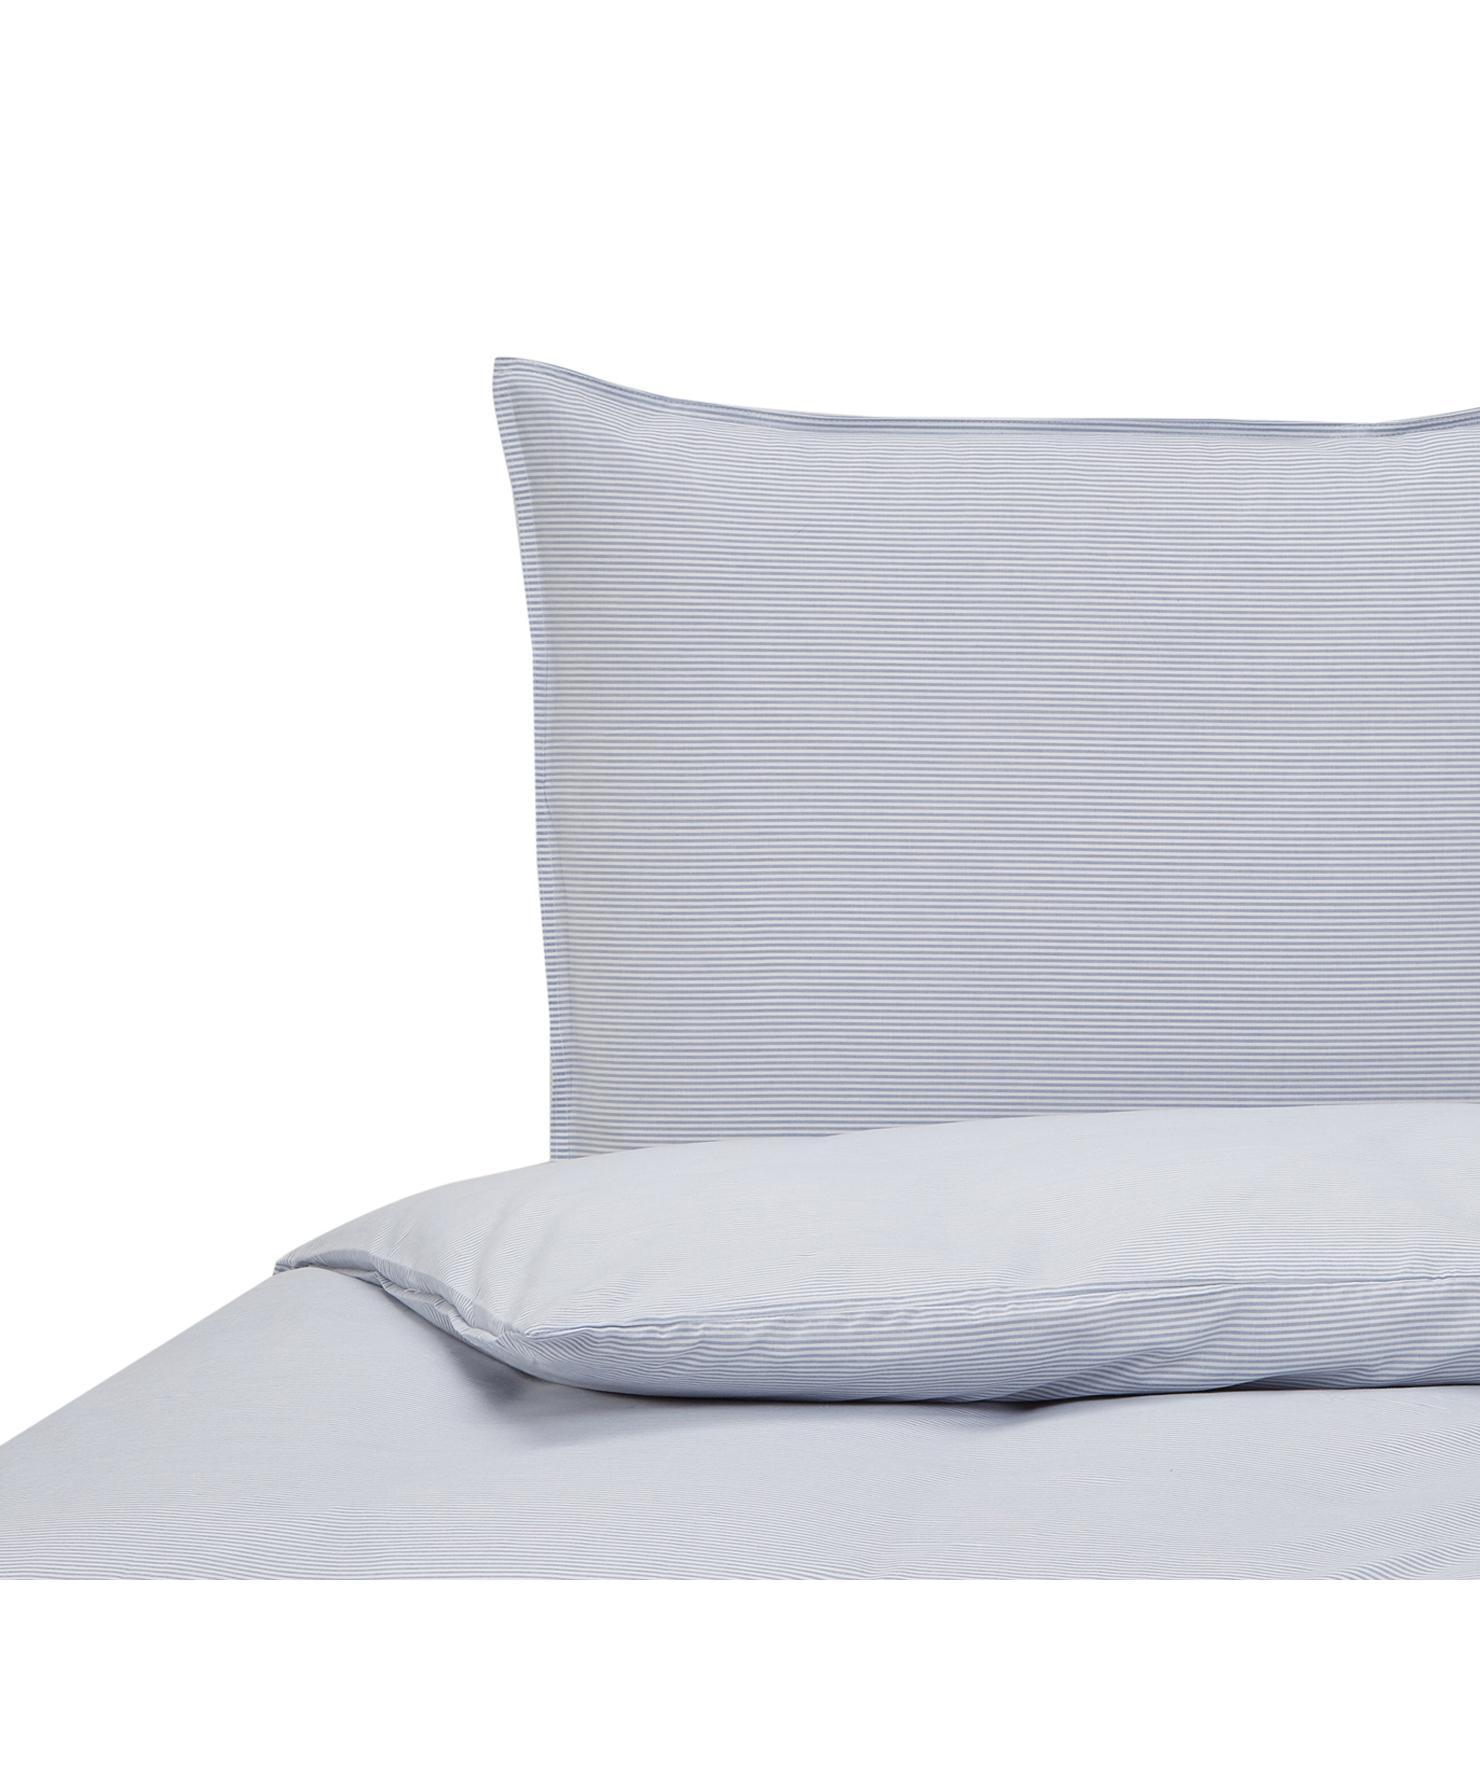 Dekbedovertrek Renato, Katoen, Blauw, wit, 140 x 220 cm